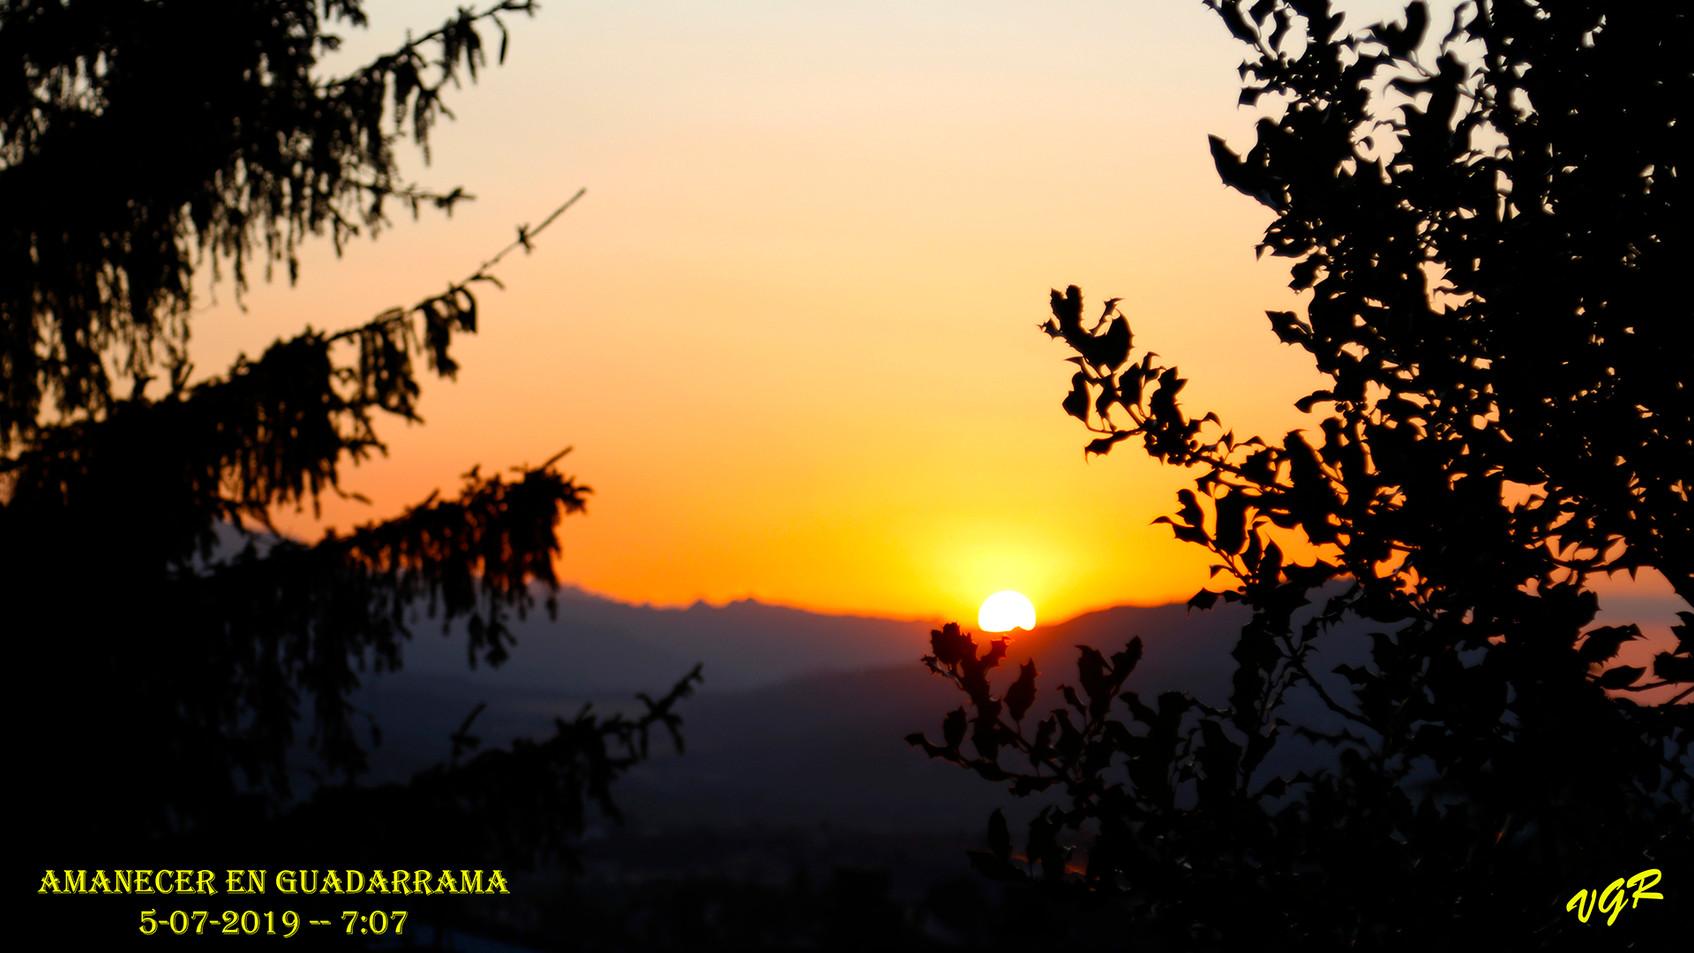 Amanecer-Guadarrama-5-7-2019-WEB.jpg